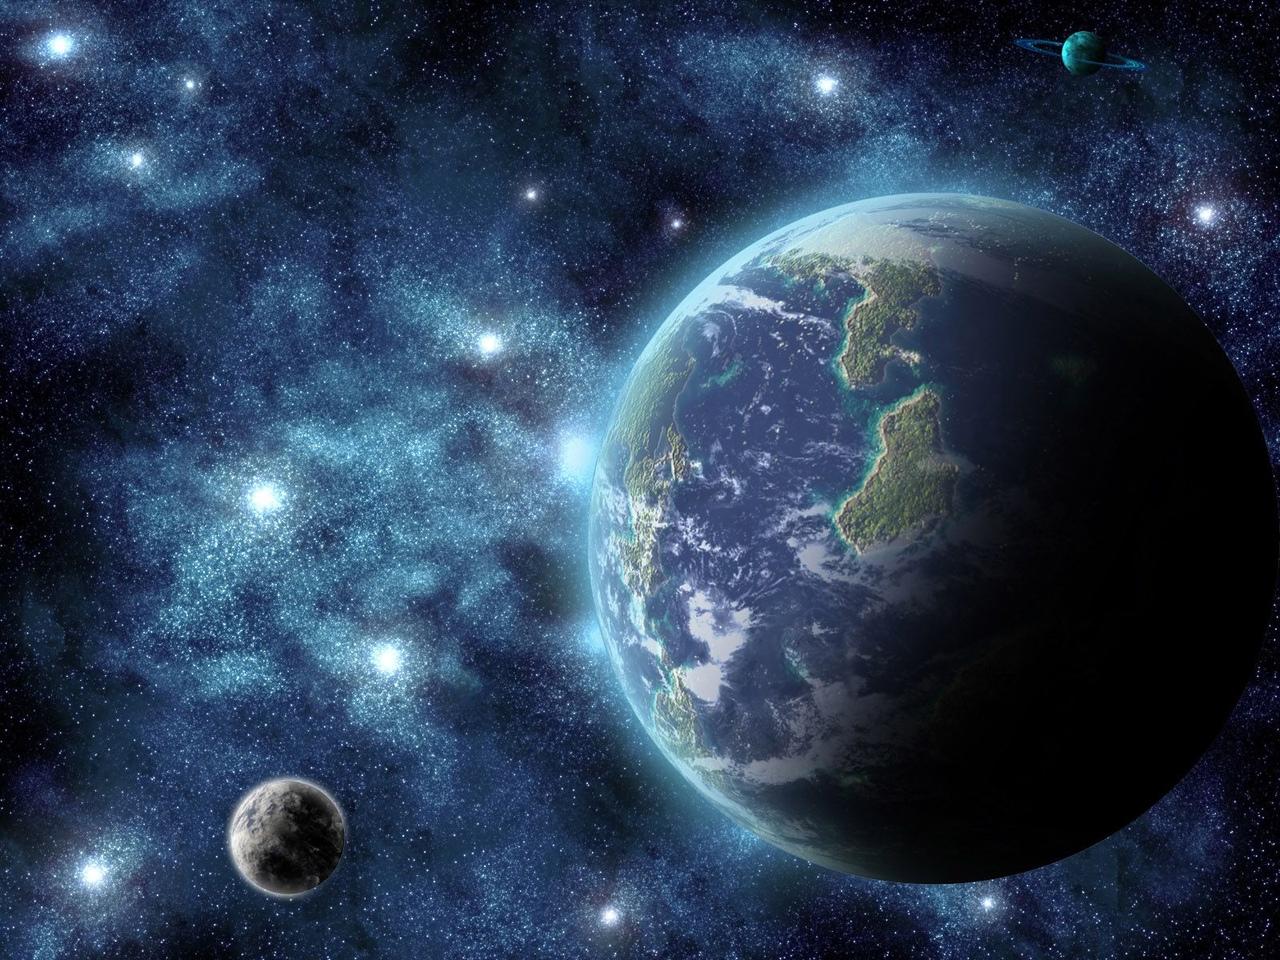 Астрономы предсказали обнаружение внеземной жизни в течение ближайших пяти-десяти лет